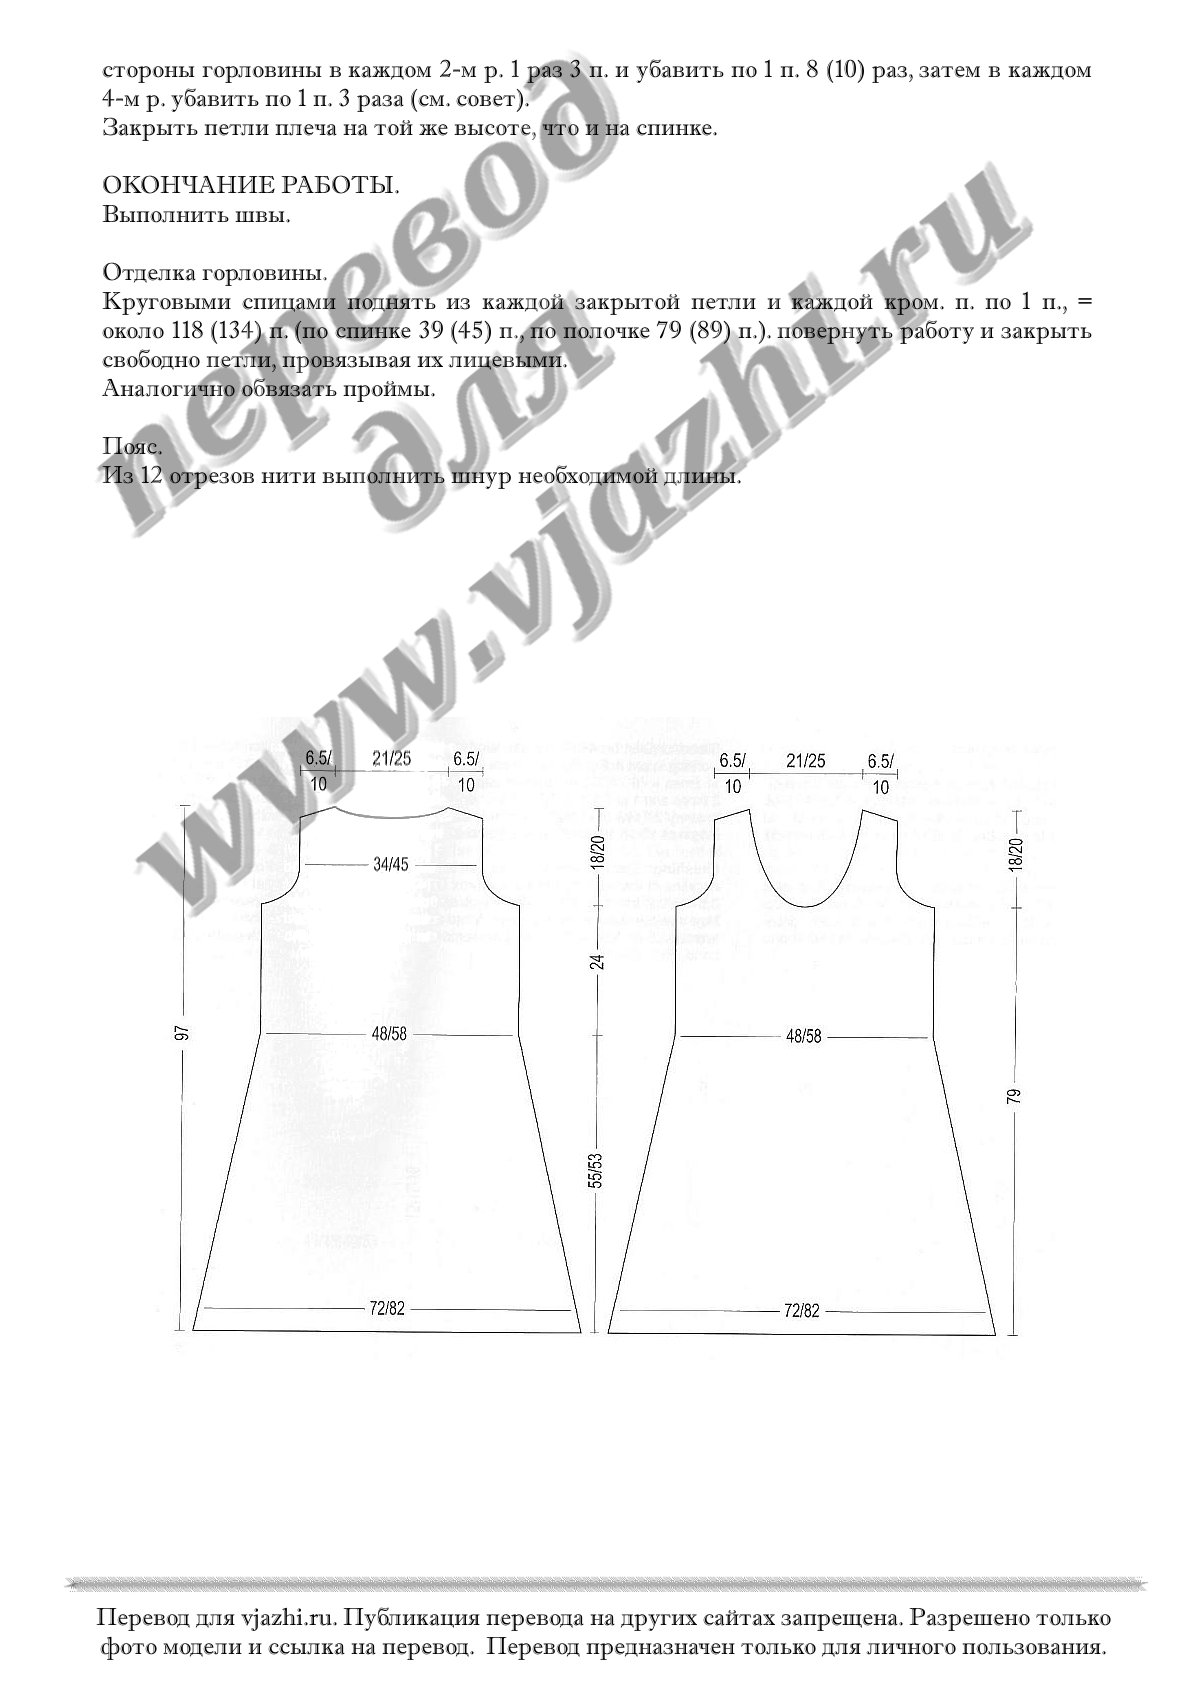 Описание платья на английском языке с переводом